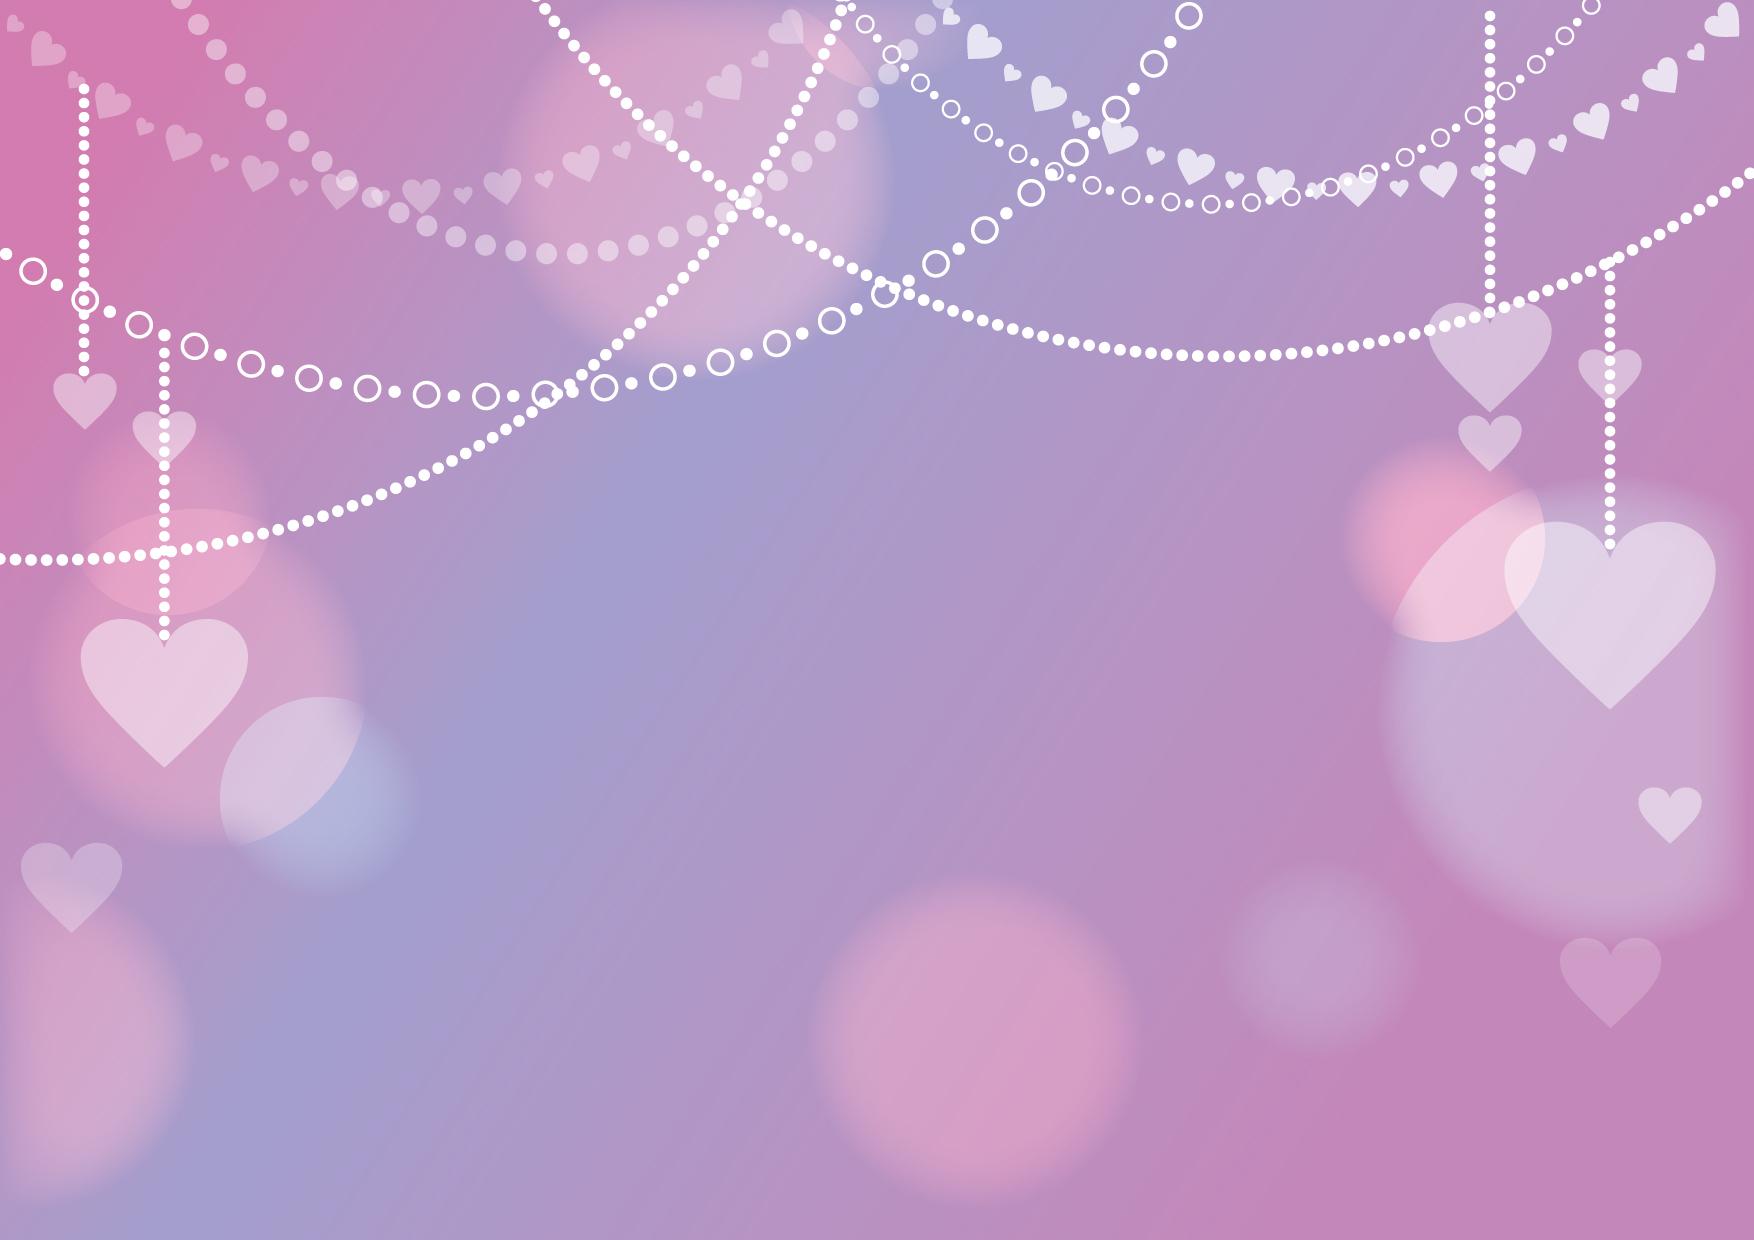 可愛いイラスト無料|ハート チェーン 背景 紫色 − free illustration Heart chain background purple